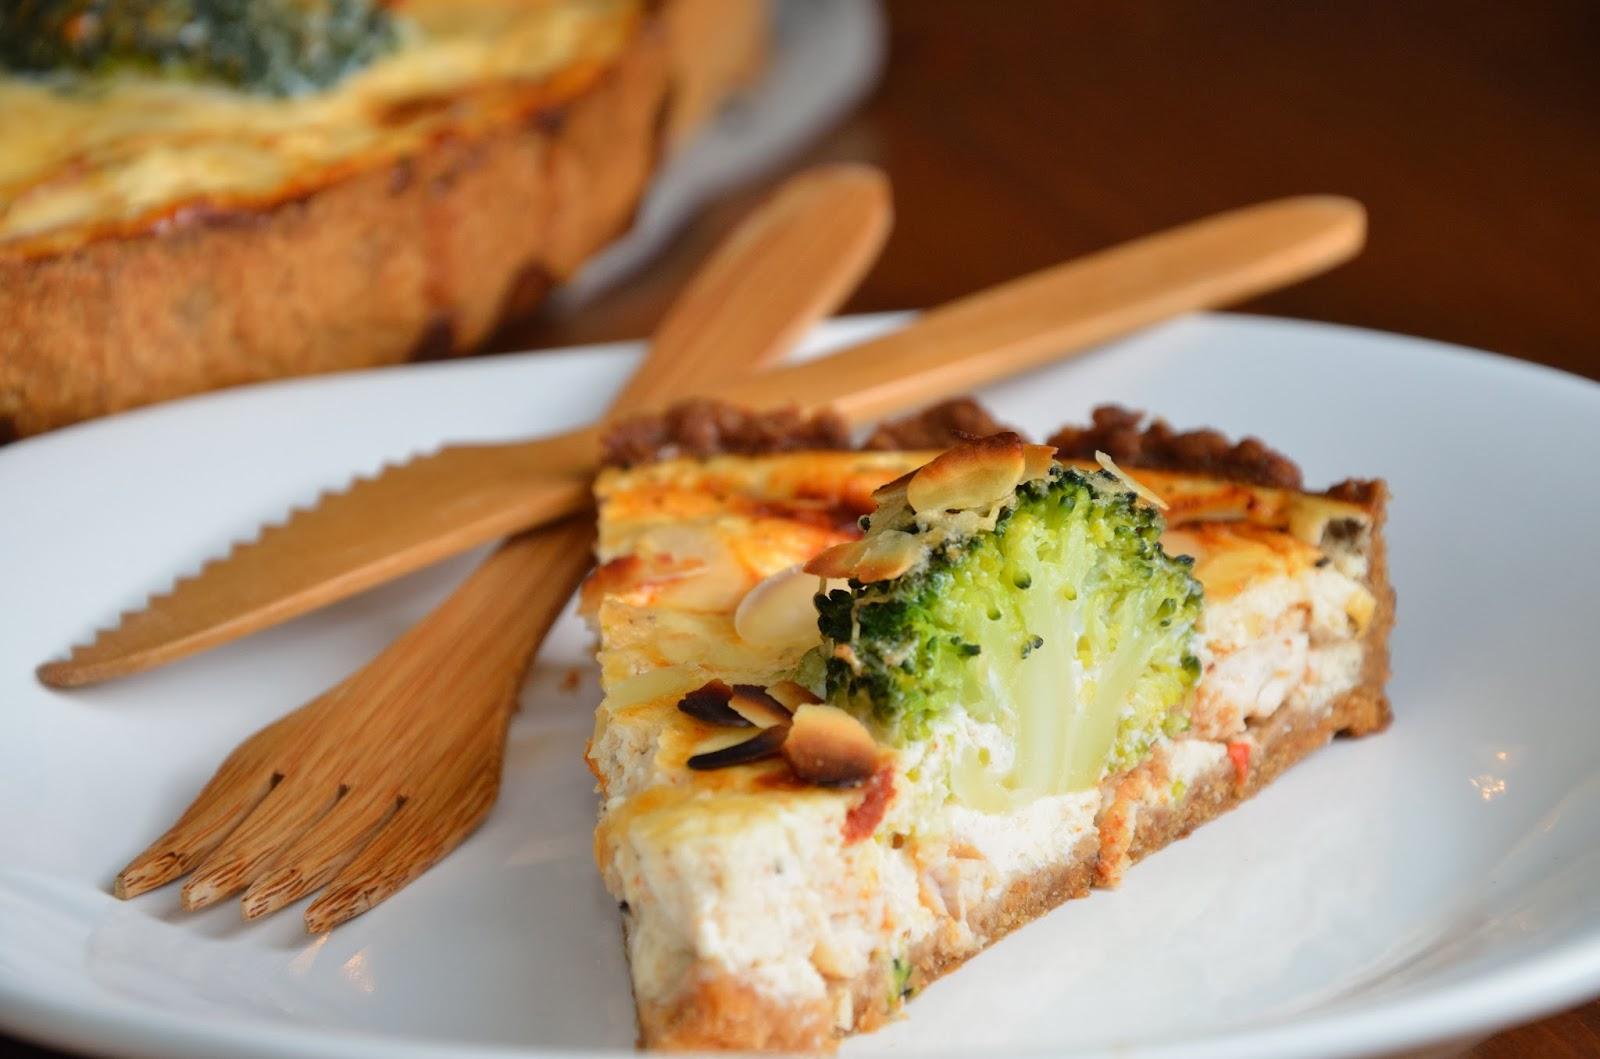 Tarta wytrawna / Quiche z brokułami i kurczakiem